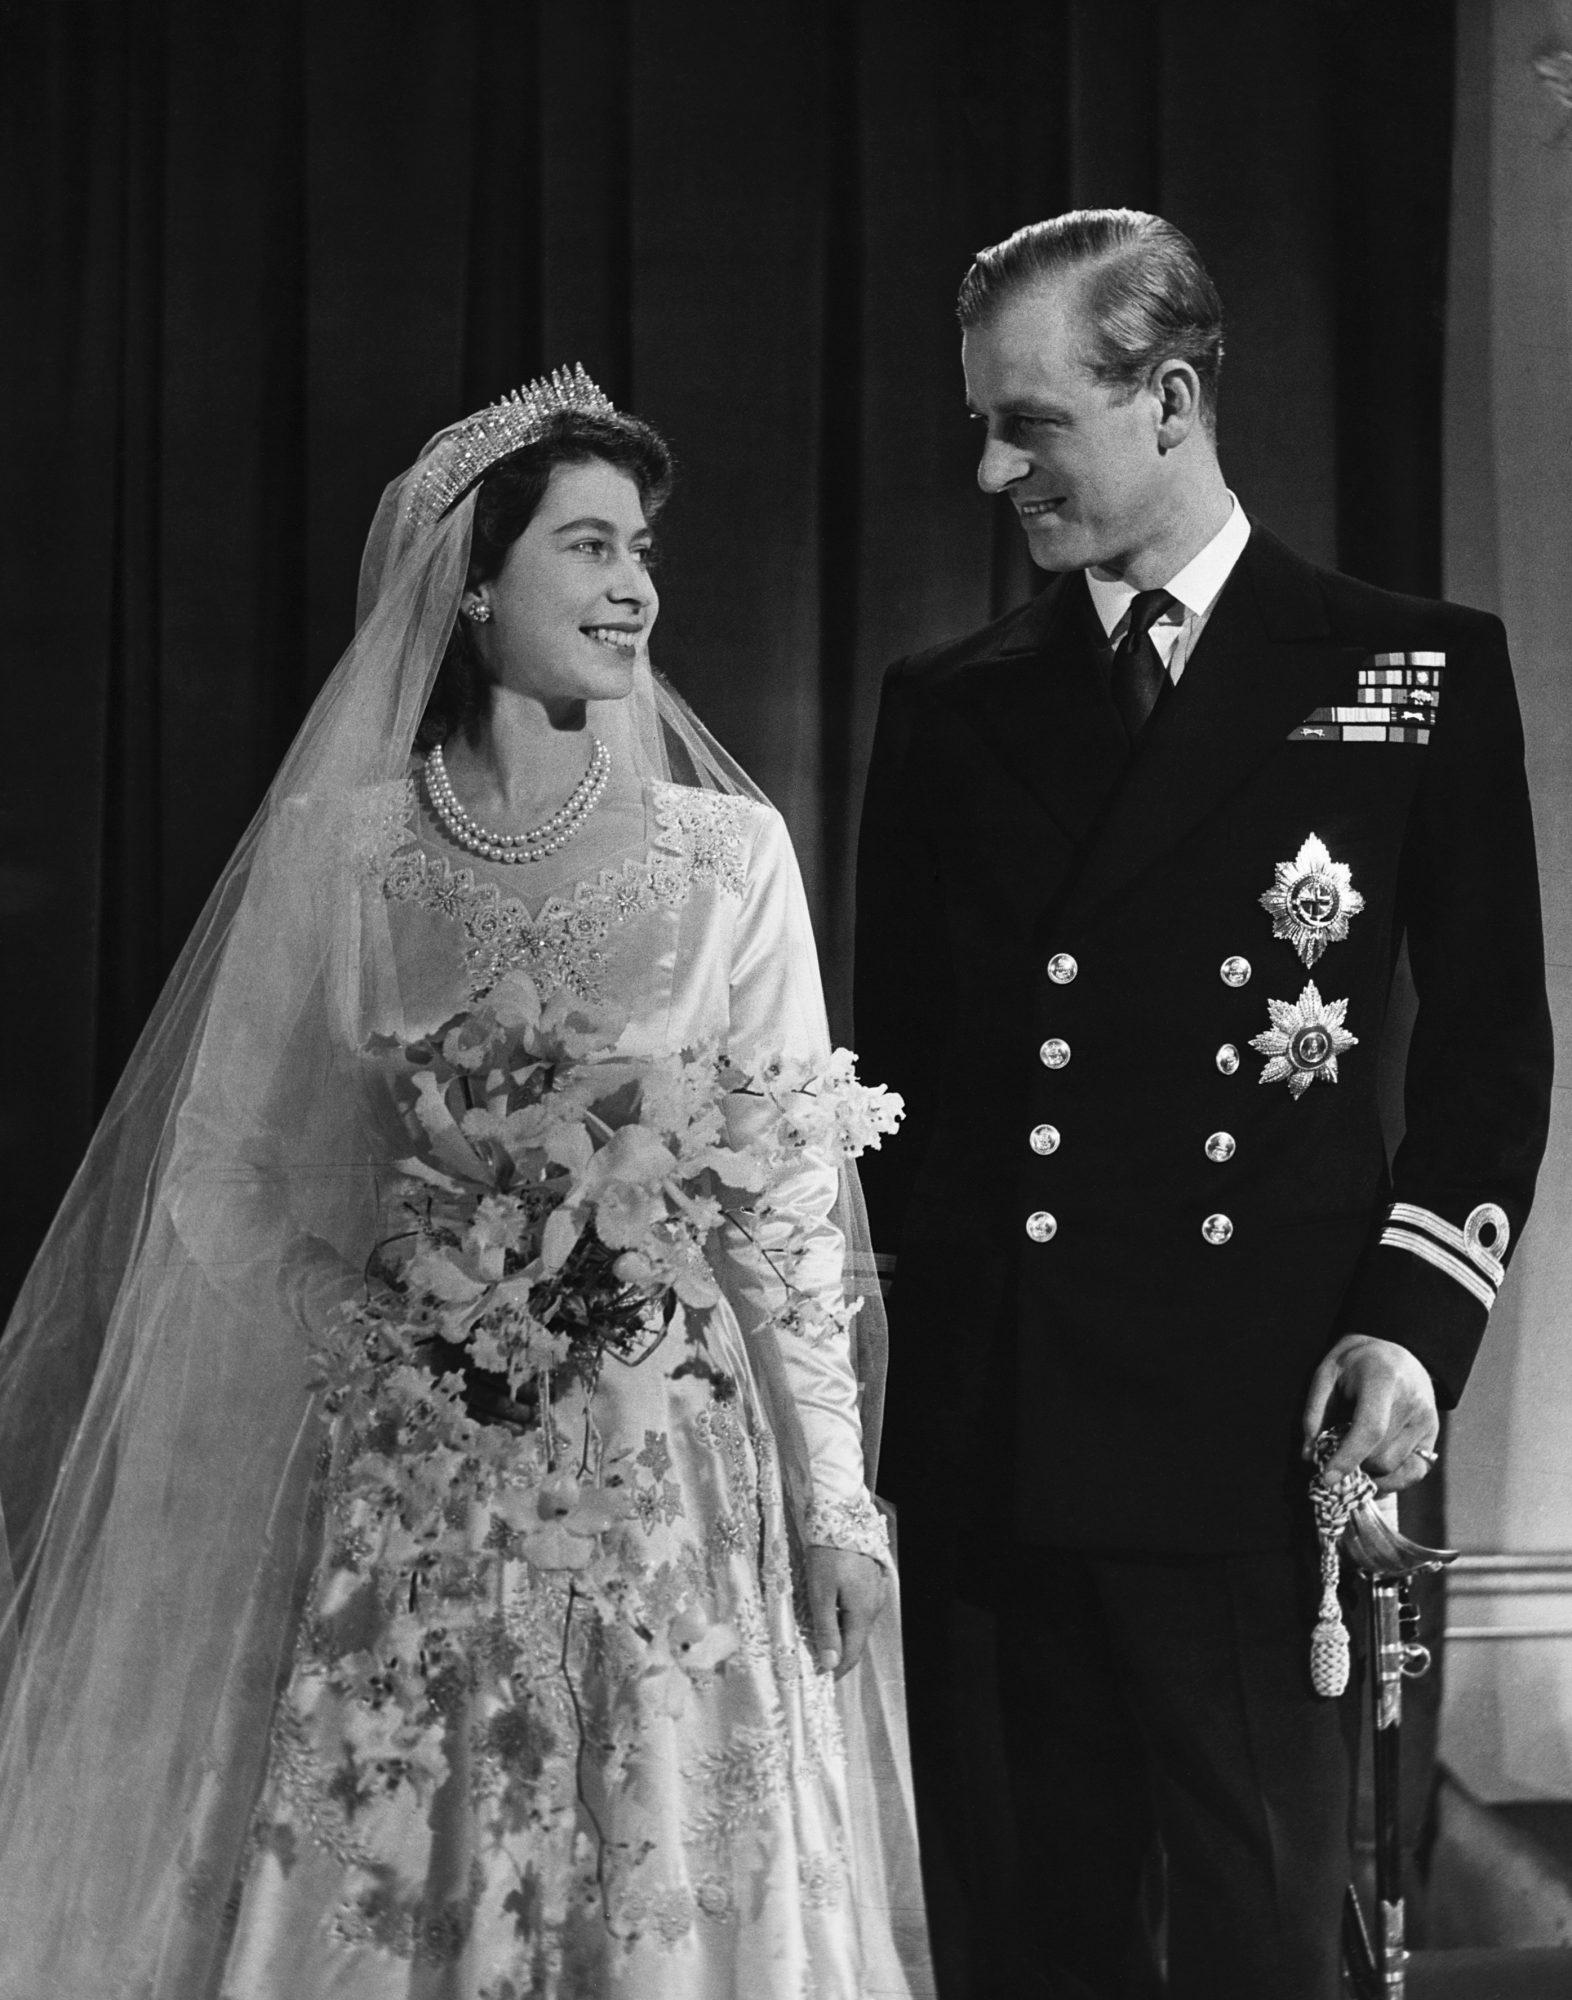 11 điều bạn có lẽ chưa biết về những chiếc vương miện tiara của hoàng gia - 1